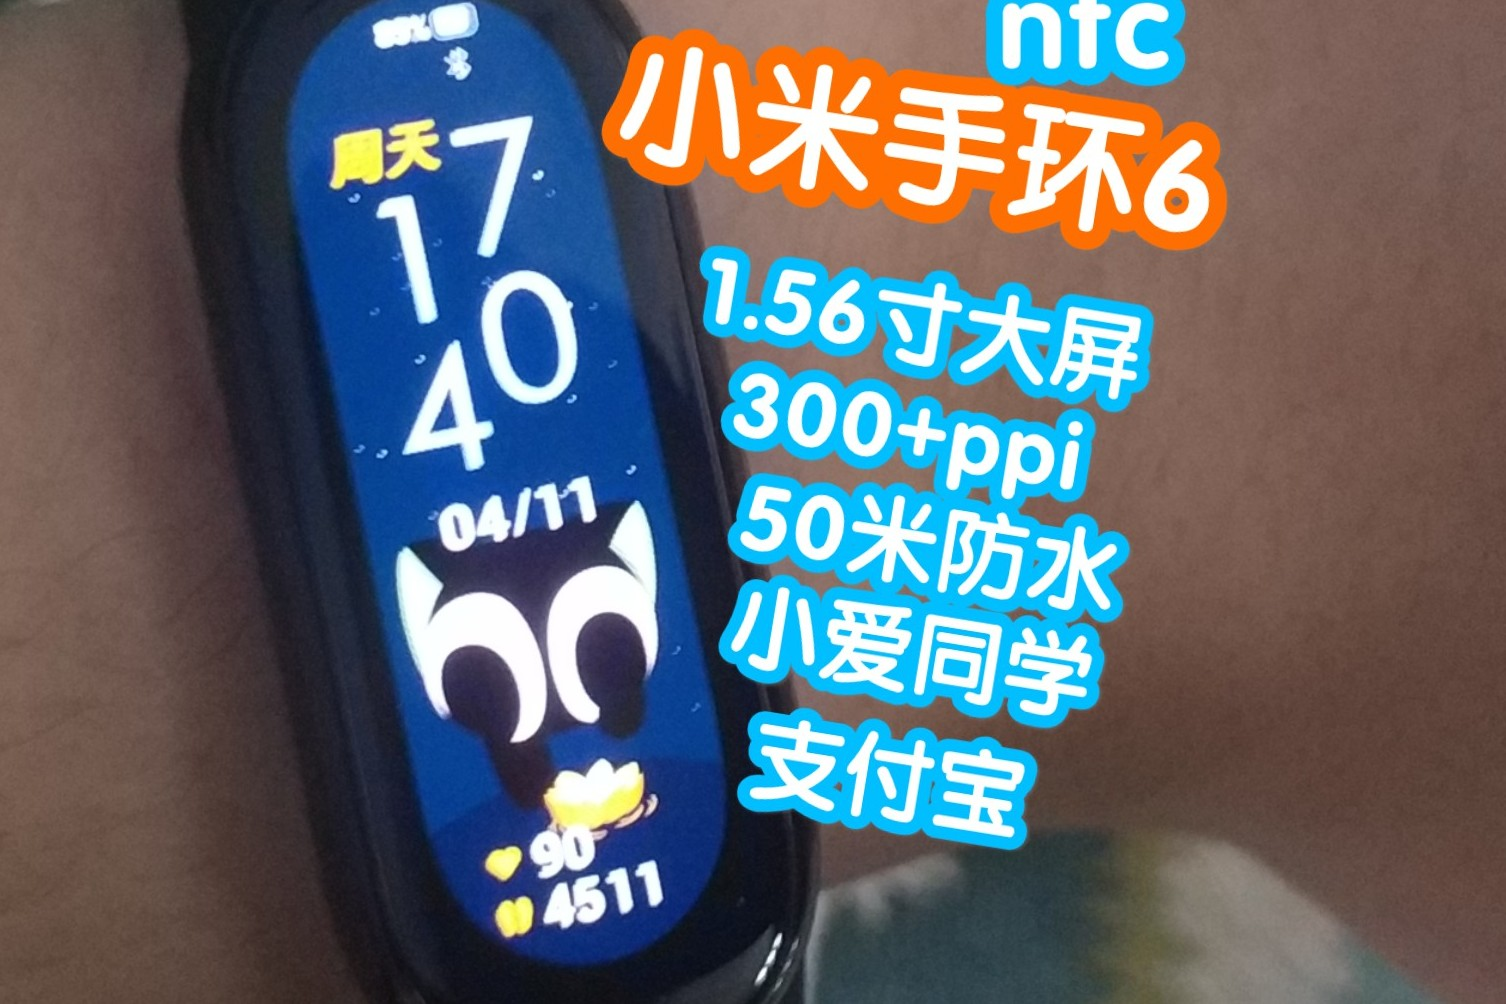 【视频】小米手环6nfc版,公交卡/门锁/门禁卡